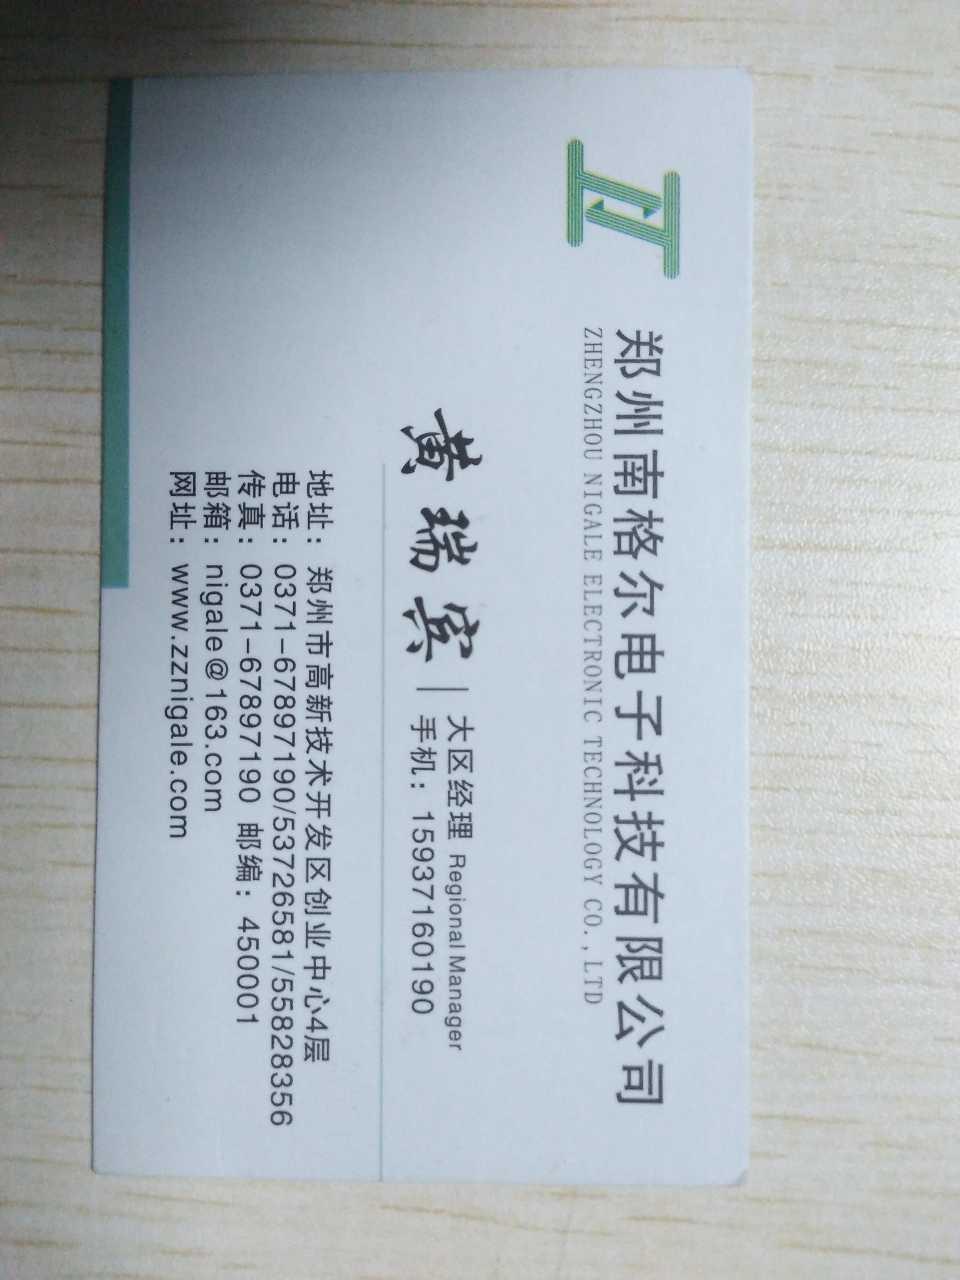 来自黄瑞宾发布的采购信息:西北地区医院透析设备以及耗材... - 郑州南格尔电子科技有限公司